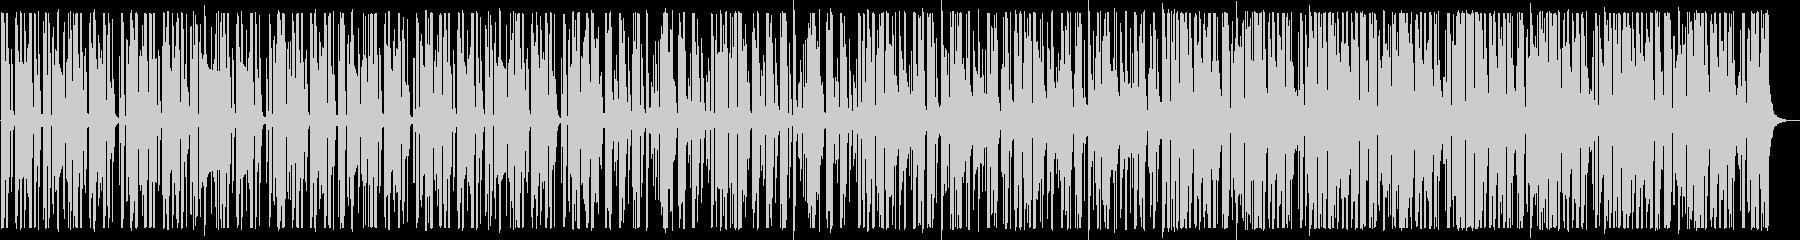 ビートの強いヒップホップ_No445_2の未再生の波形